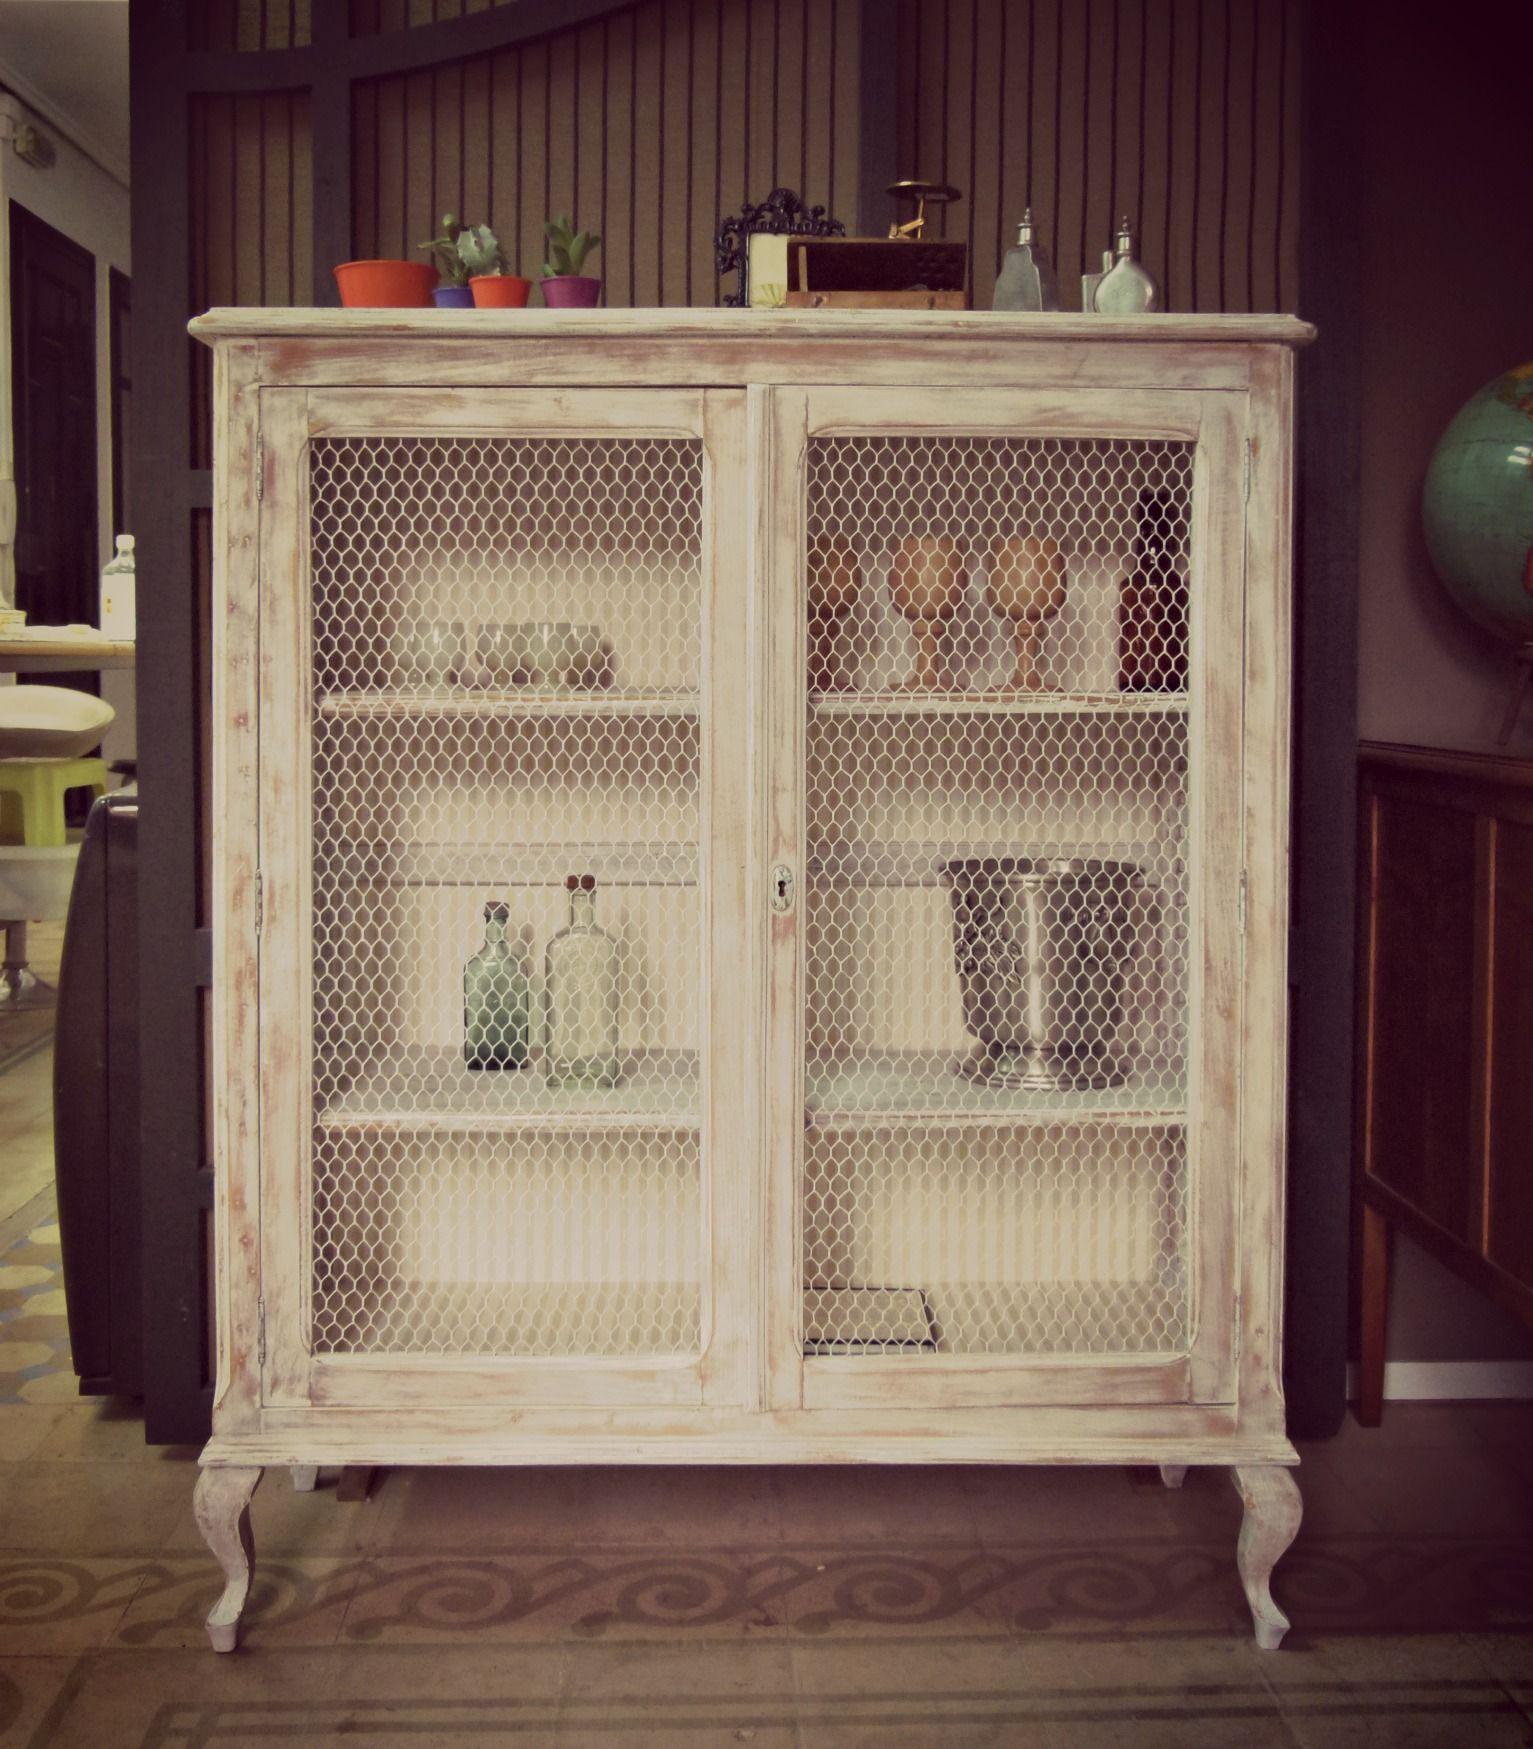 Mueble Restaurado Por Antes Y Despu S Muebles Pinterest  # Muebles Reformados Antes Y Despues